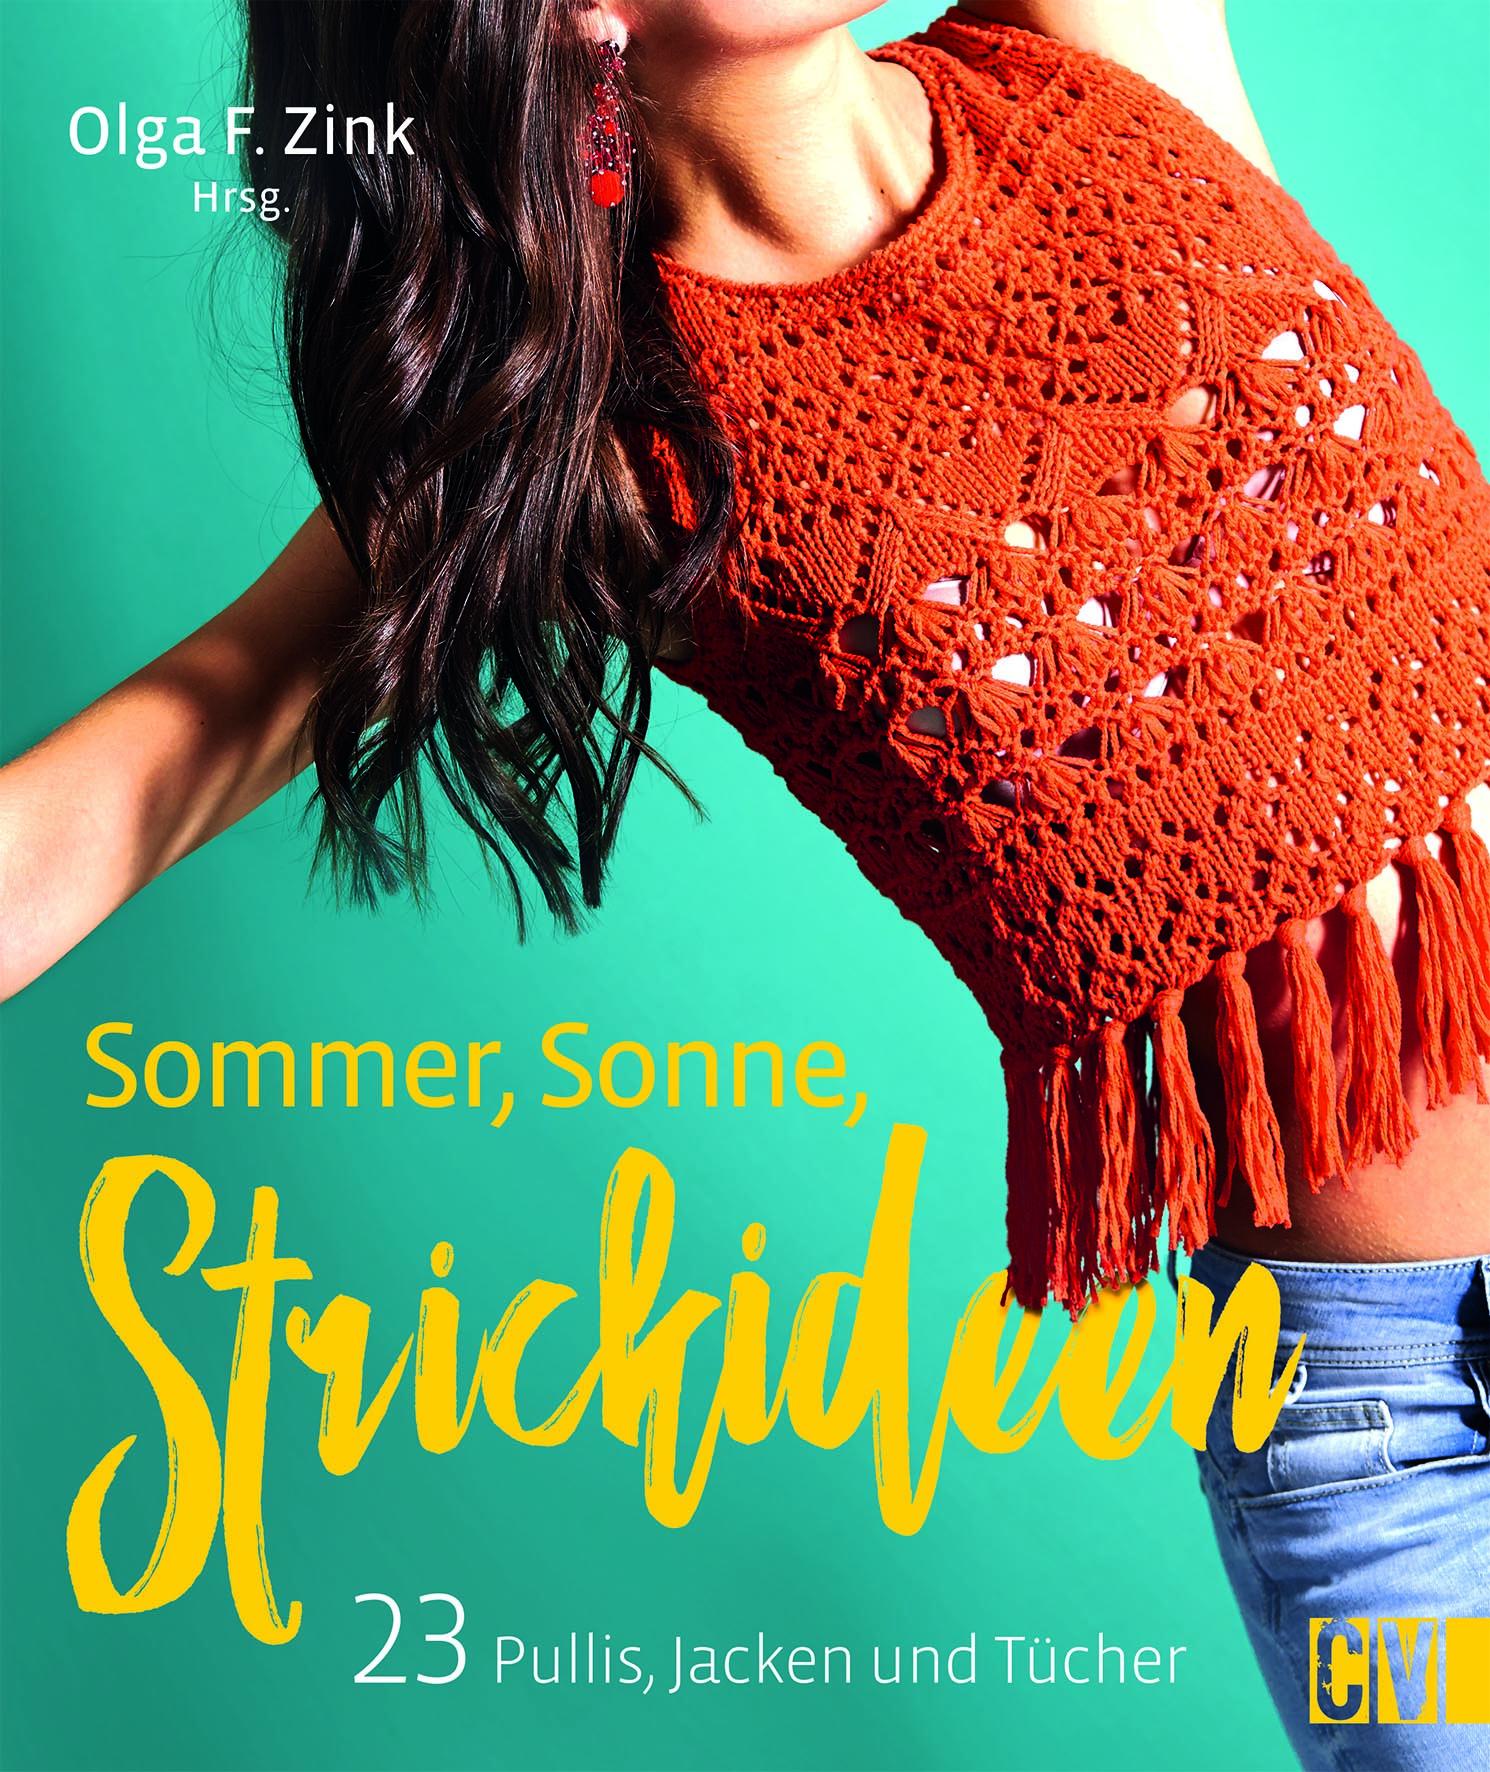 CV 6542 Sommer, Sonne, Strickideen